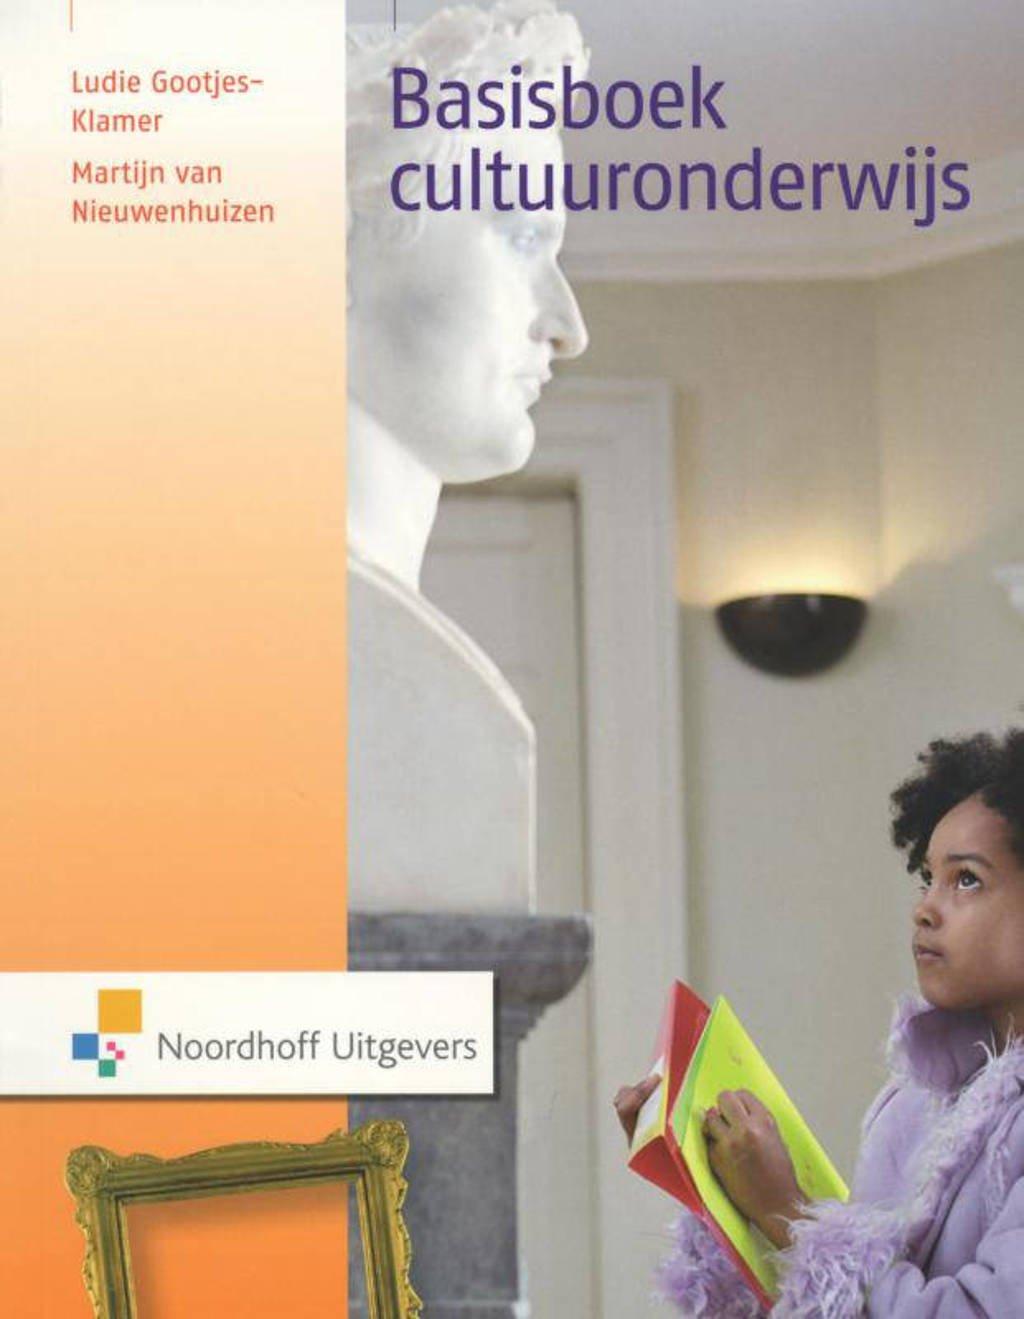 Basisboek cultuuronderwijs - Ludie Gootjes-Klamer en Martijn van Nieuwenhuizen